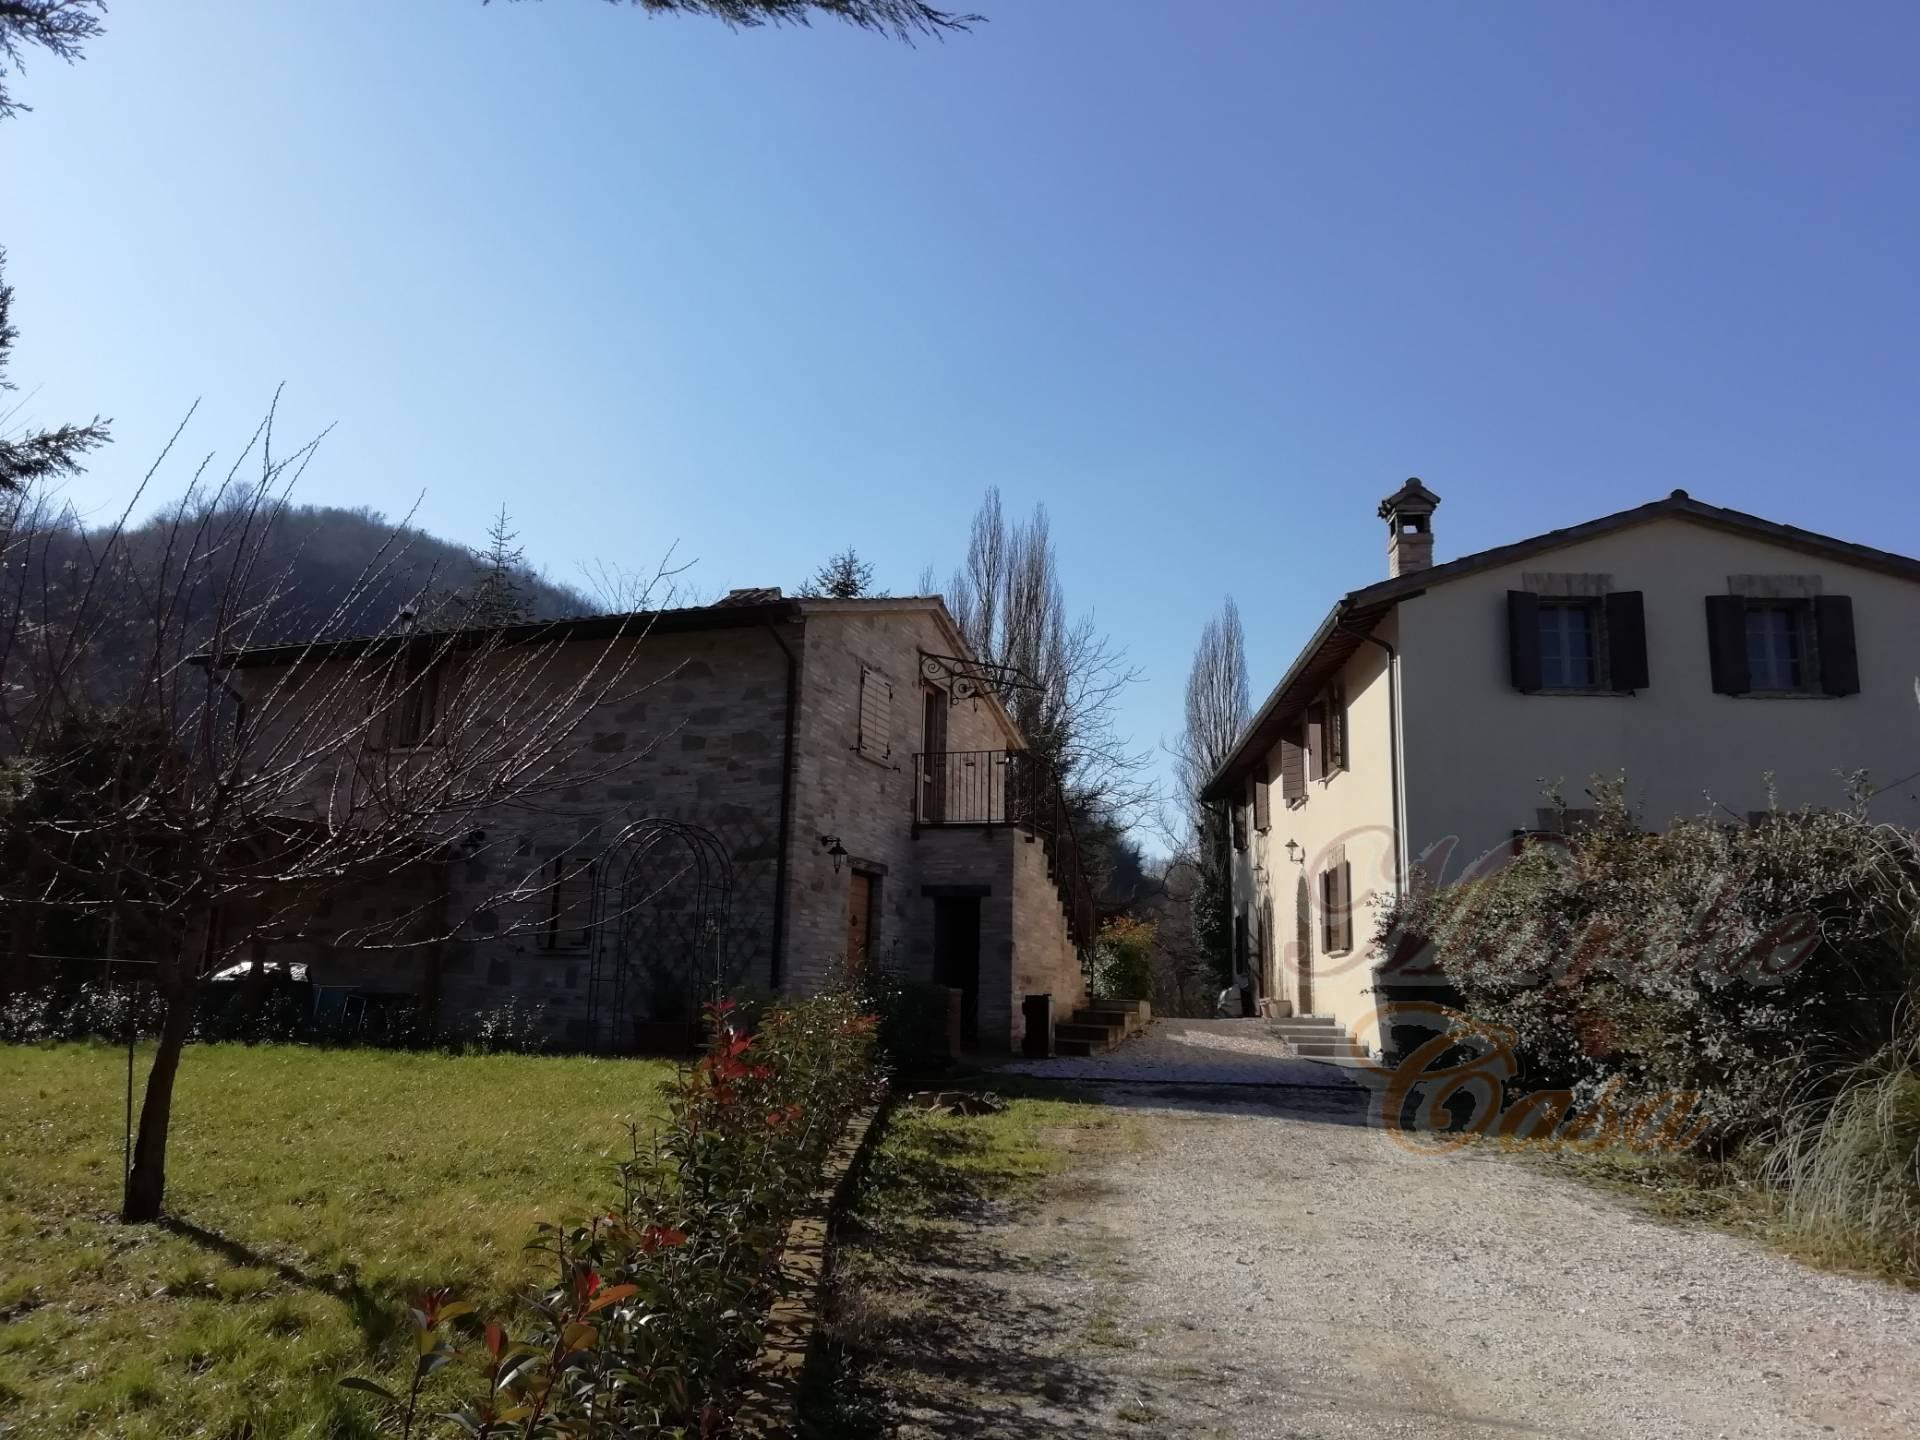 Rustico / Casale in vendita a Urbino, 20 locali, prezzo € 690.000 | CambioCasa.it